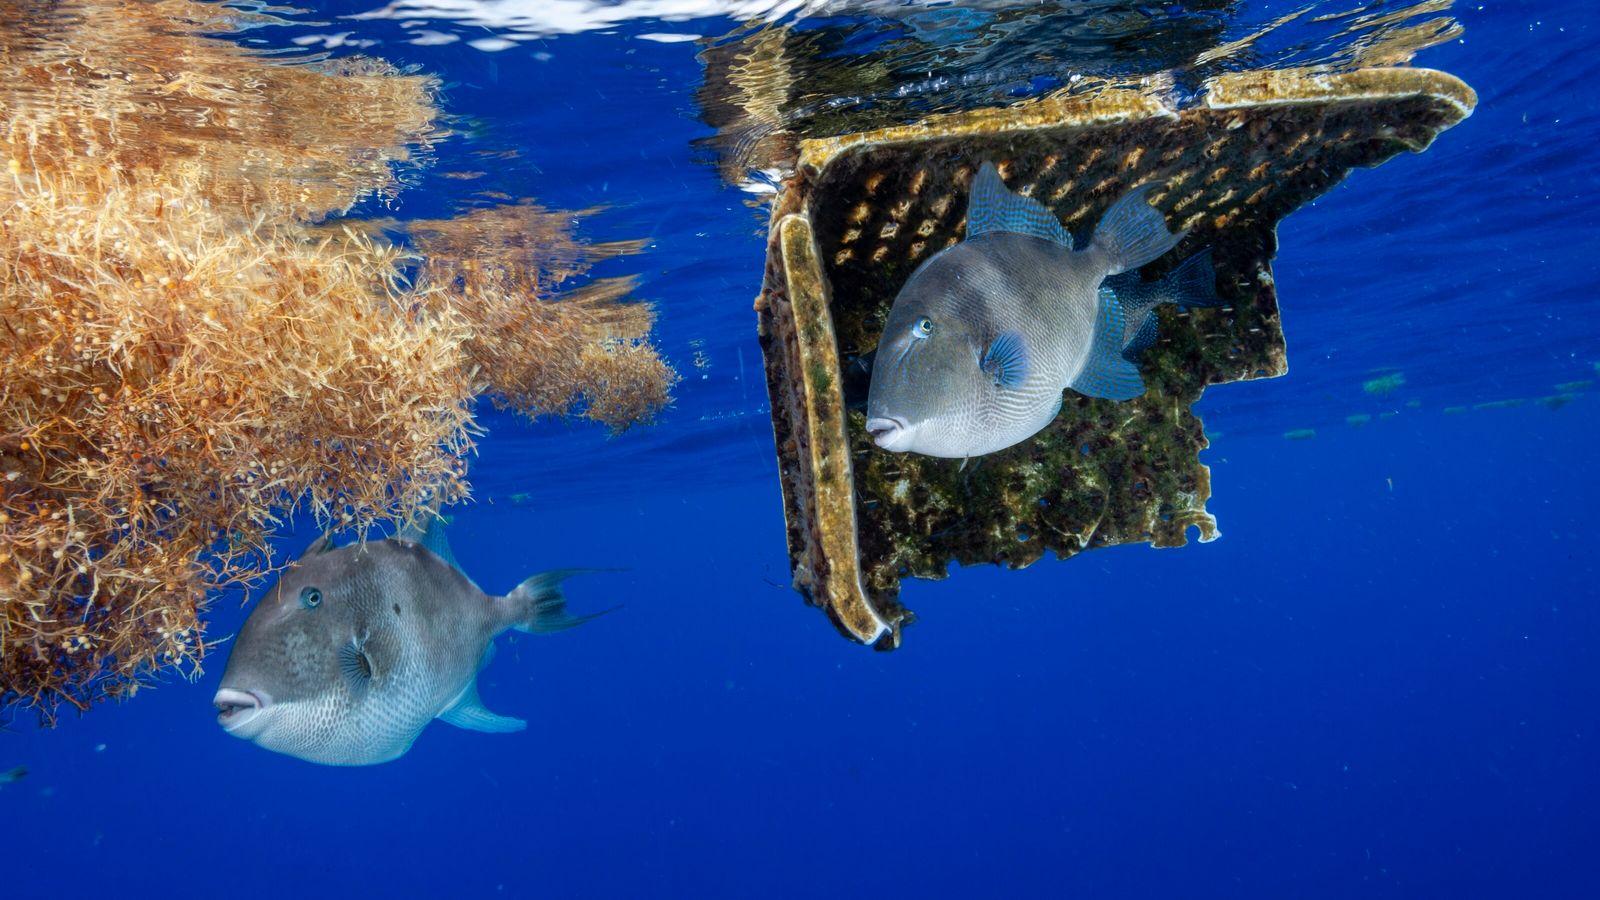 Peixe-porco busca se esconder embaixo de um cesto de plástico no Mar de Sargaços, no Atlântico ...